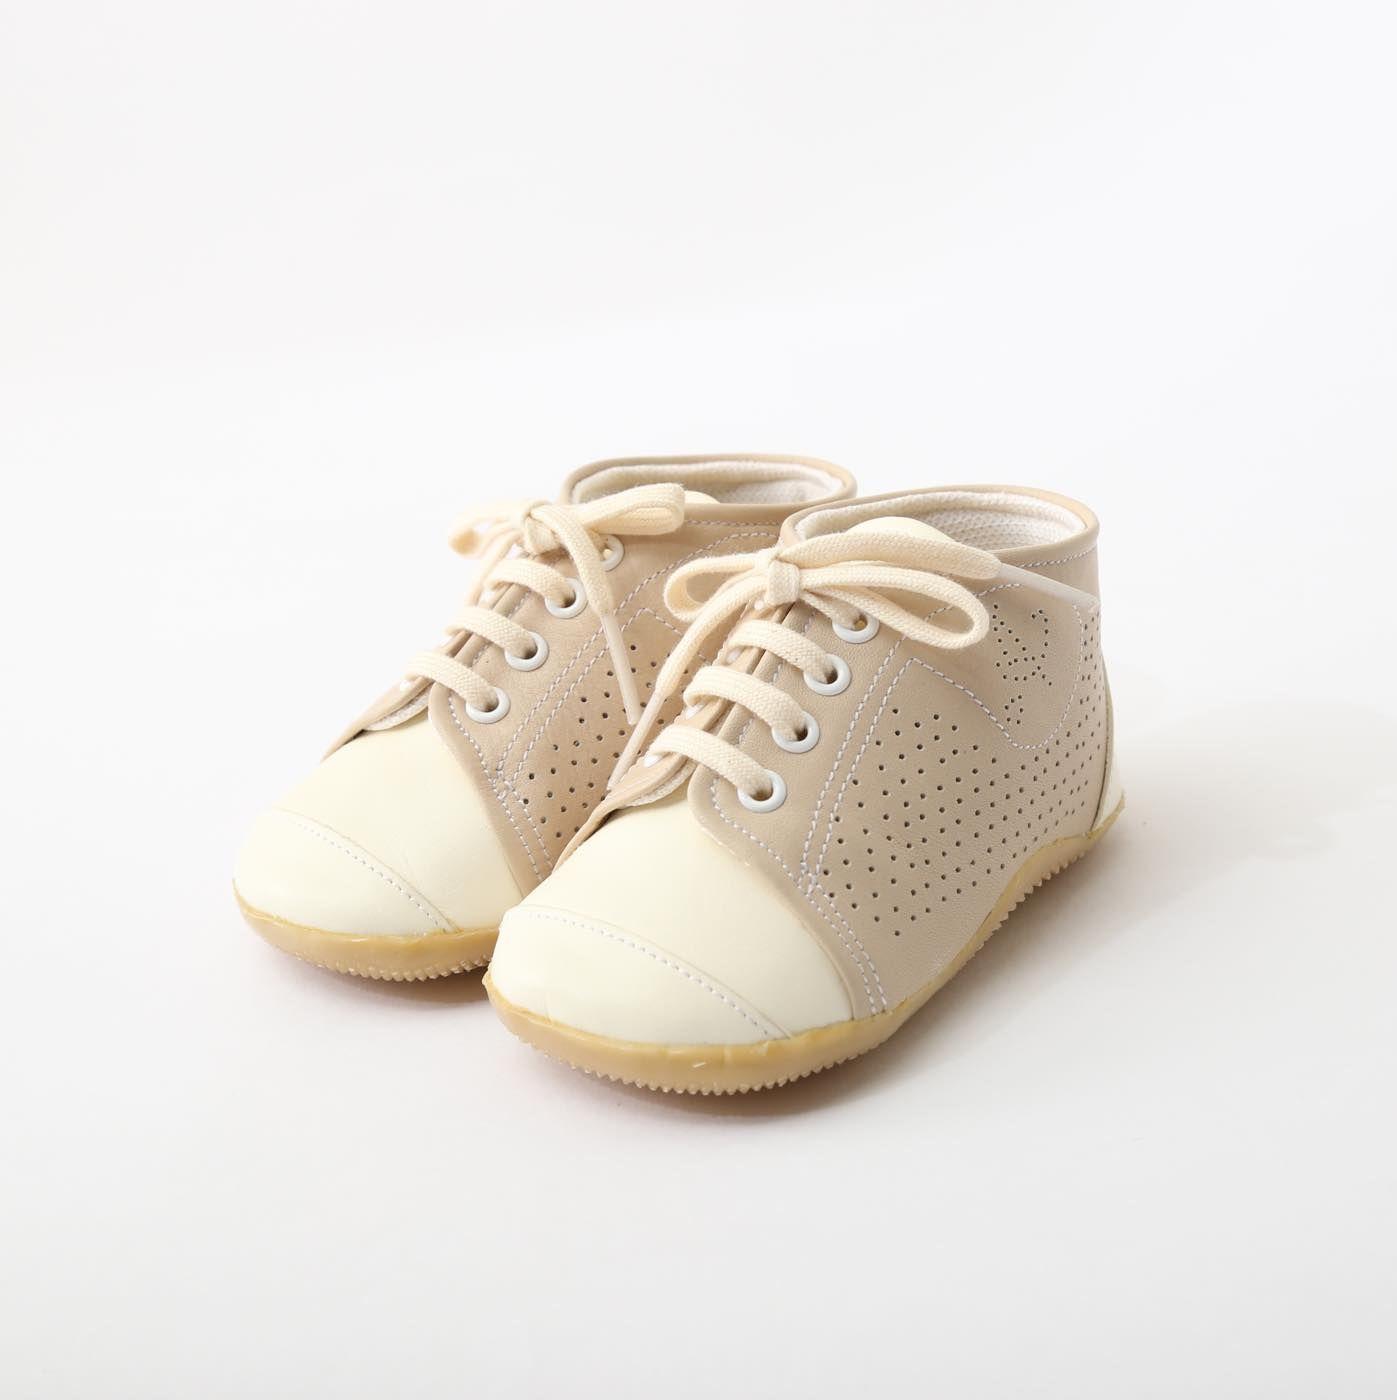 ベビーシューズ ベージュ Baby Shoes Beige